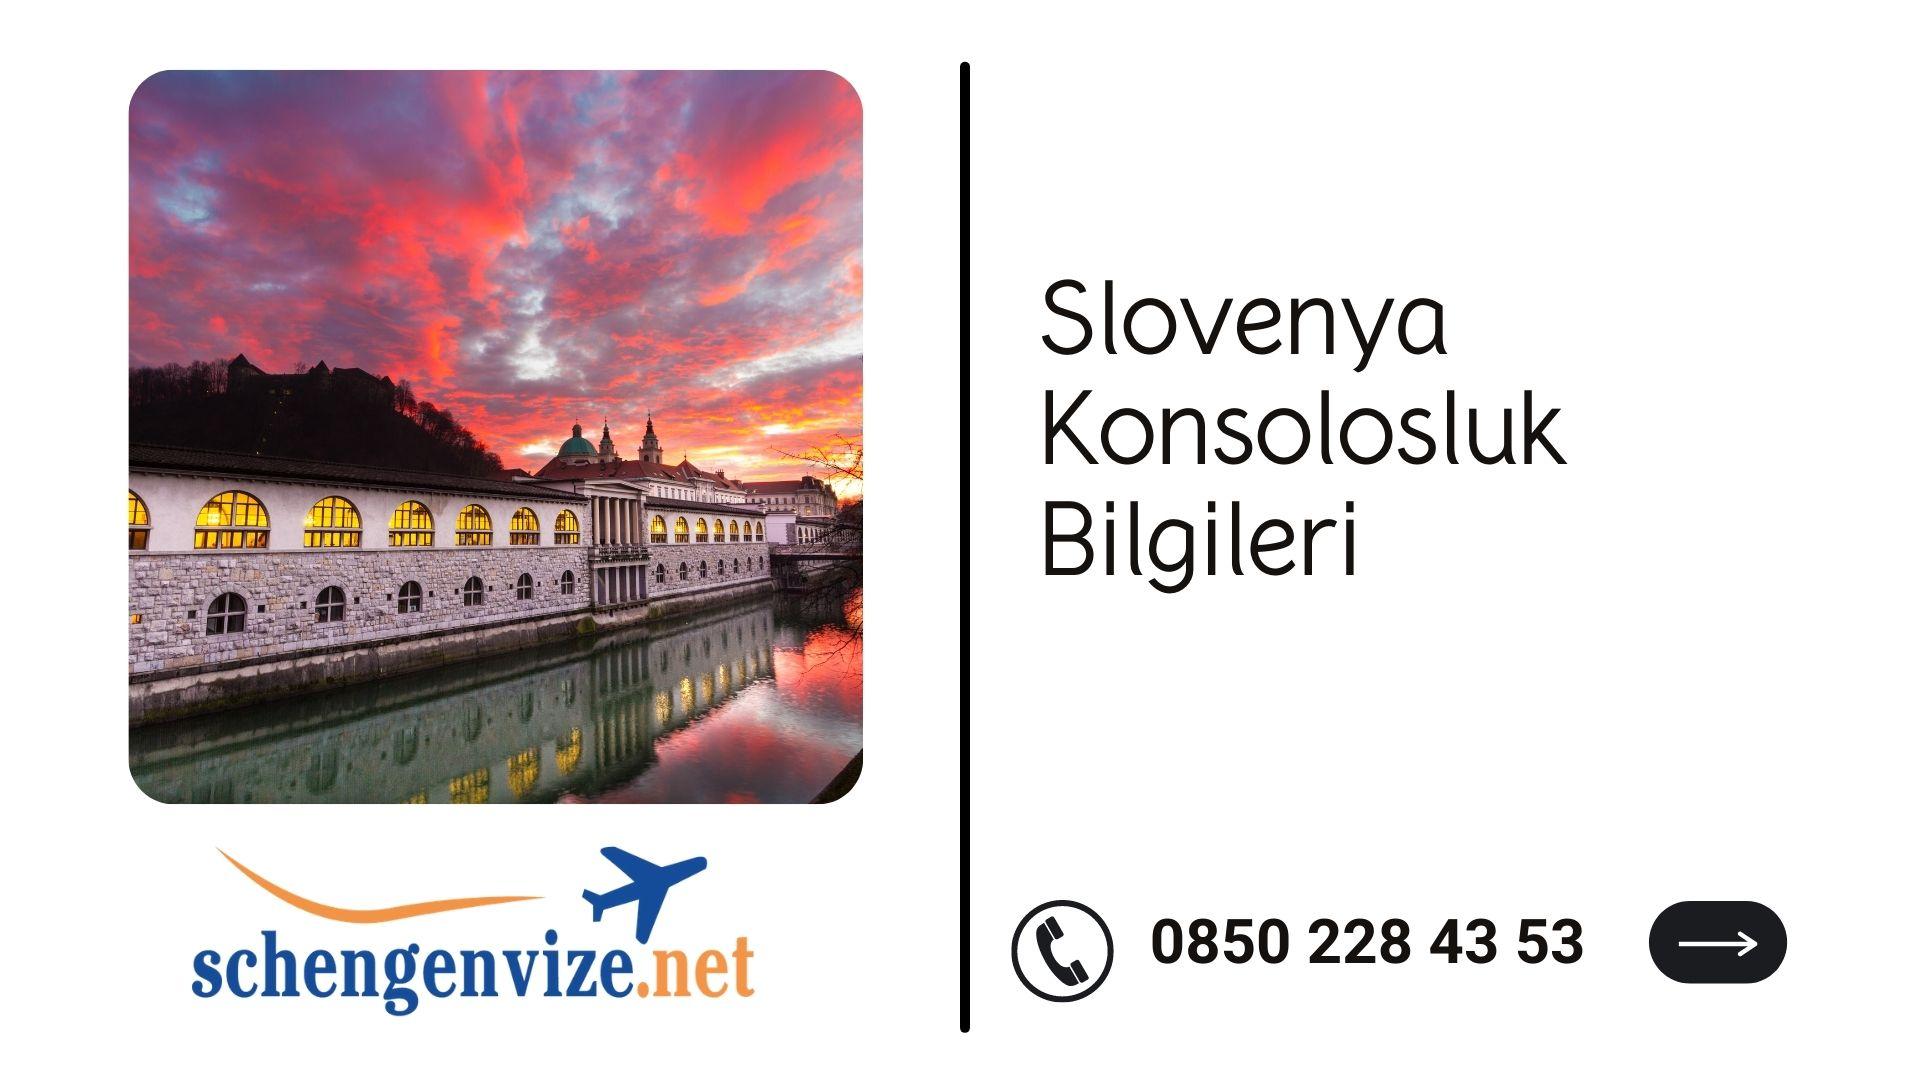 Slovenya Konsolosluk Bilgileri